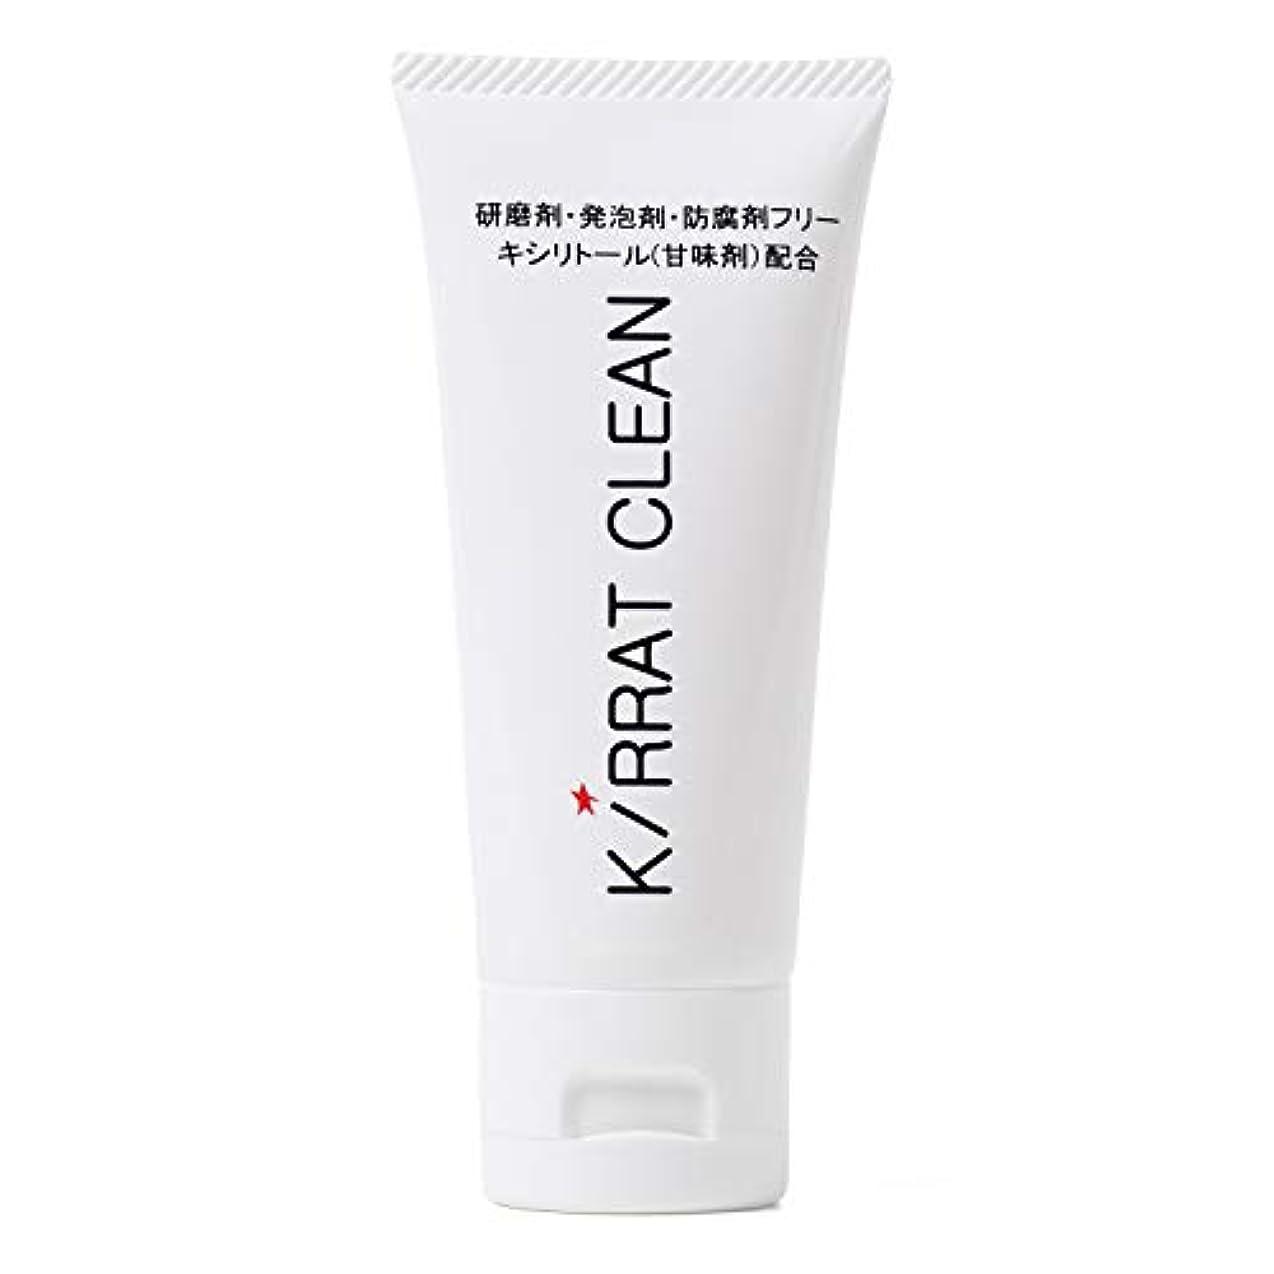 適応する悪名高いカラスYUZO 歯磨き粉 キラットクリーン 60g 研磨剤 発泡剤 防腐剤フリー